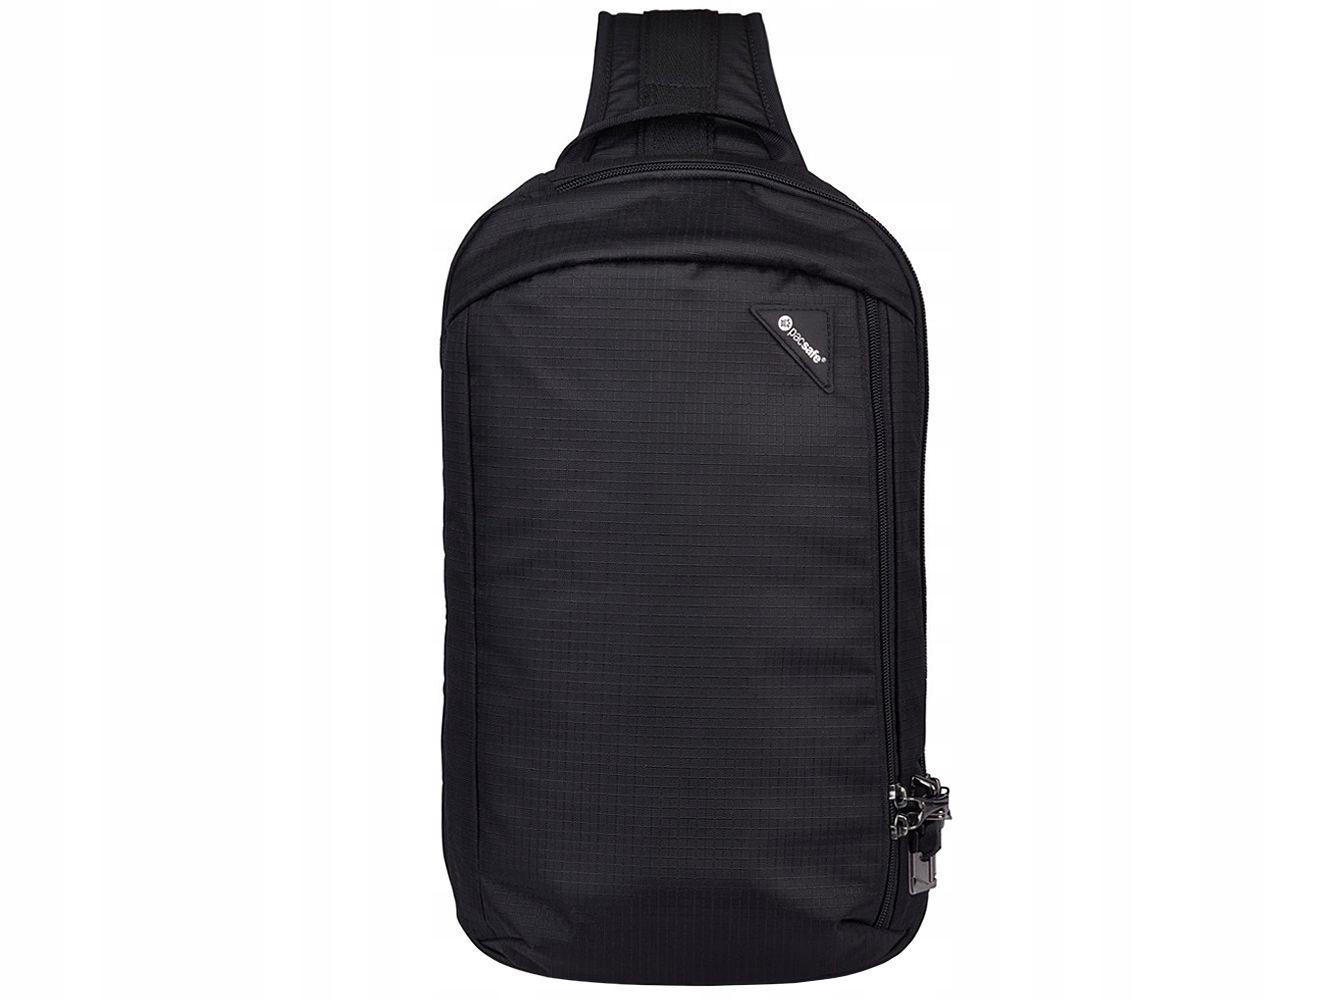 Pacsafe Vibe 325 plecak na jedno ramię na tablet